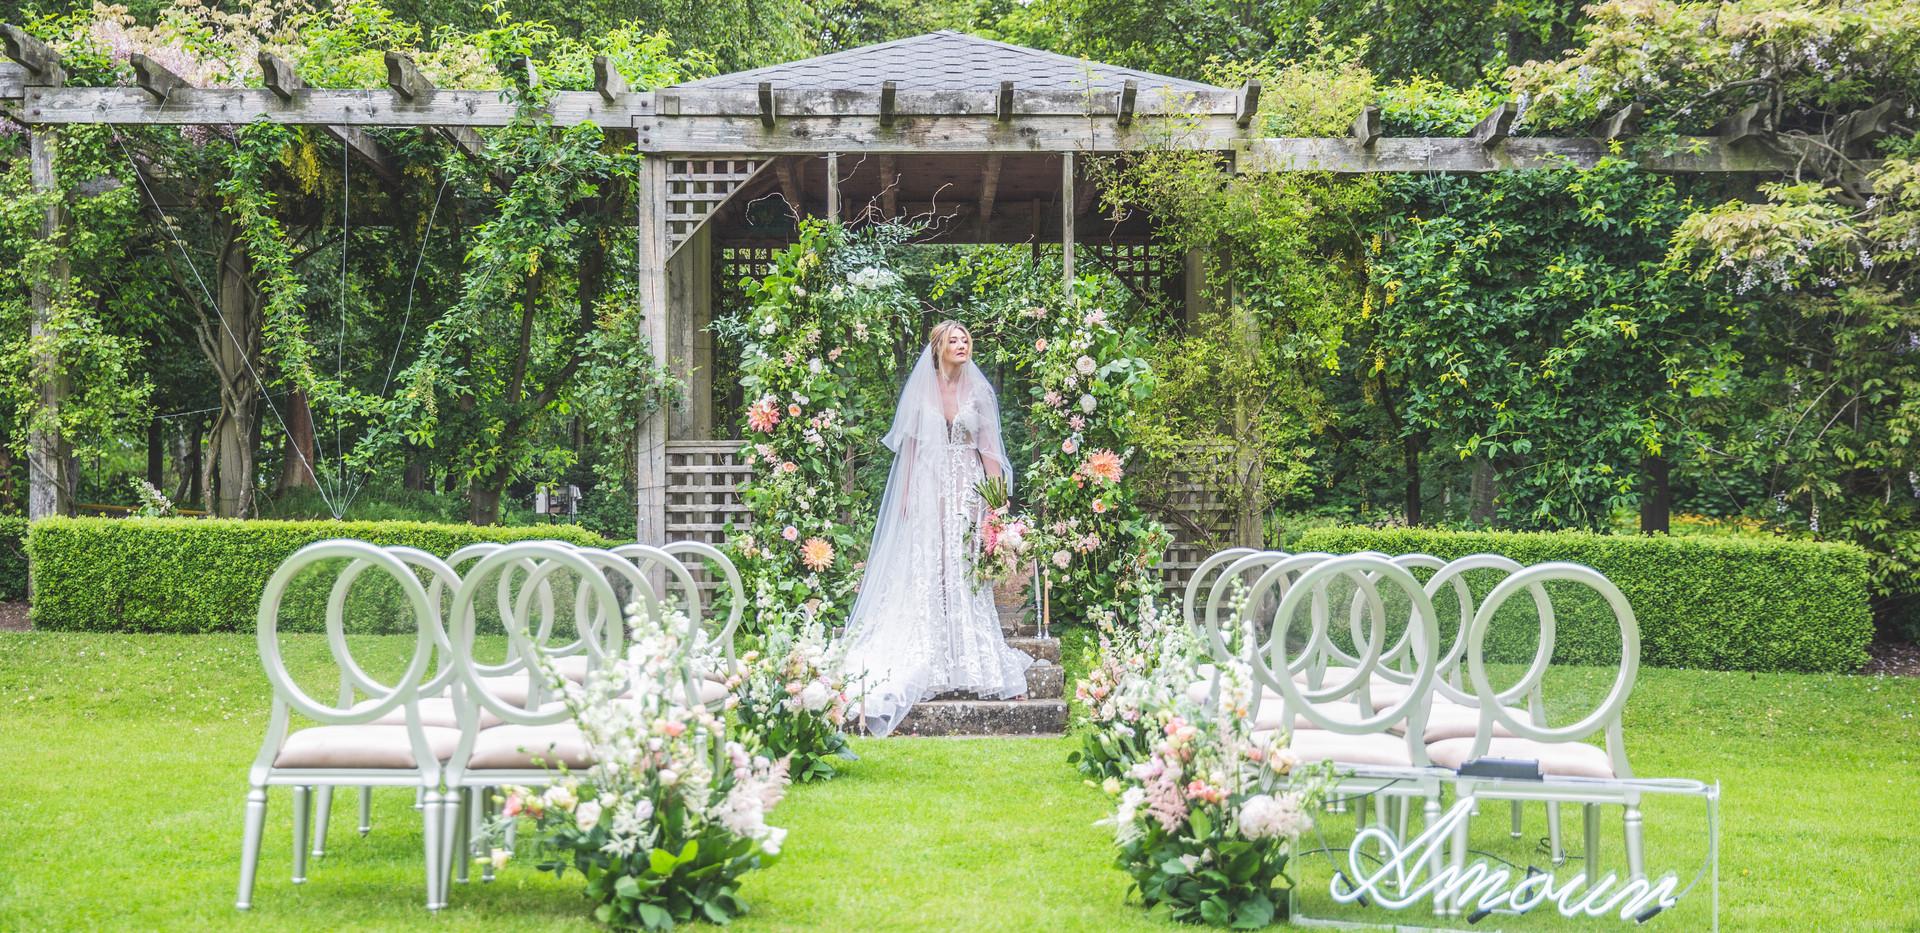 Matfen Hall Wedding Photoshoot